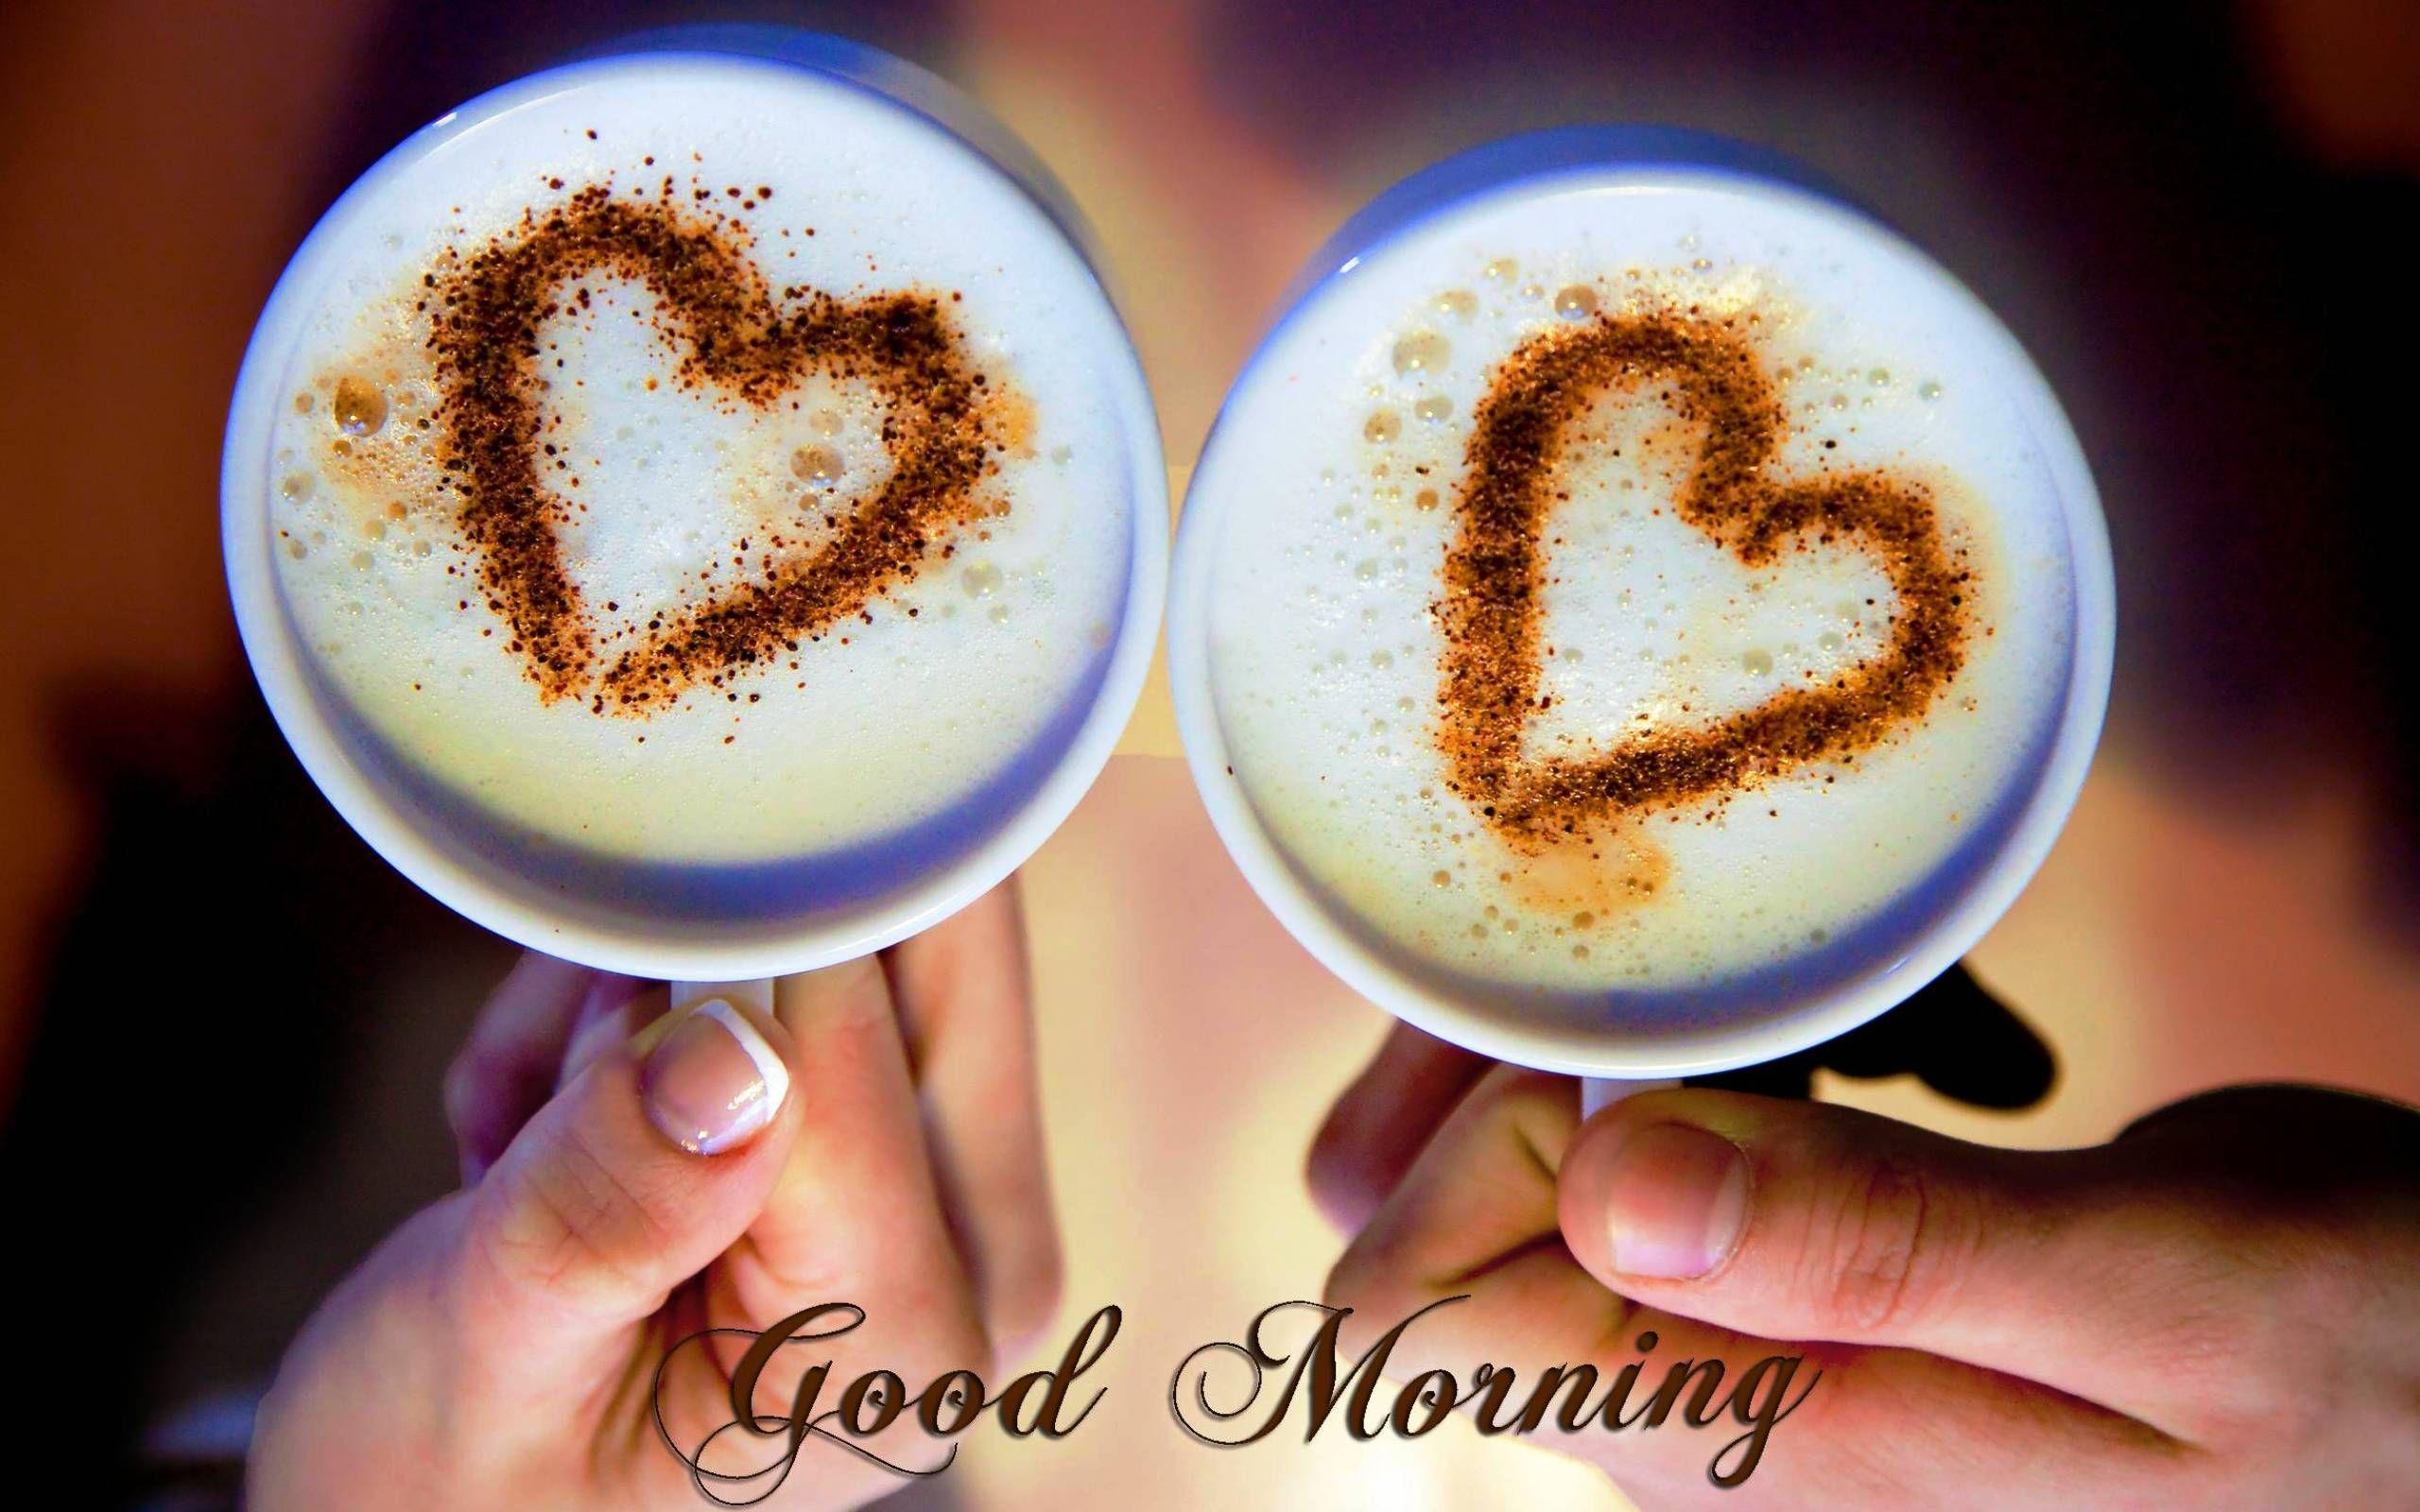 صورة صباح رومانسي , اجمل عبارات الصباح الرومانسيه للحبيب 2396 6